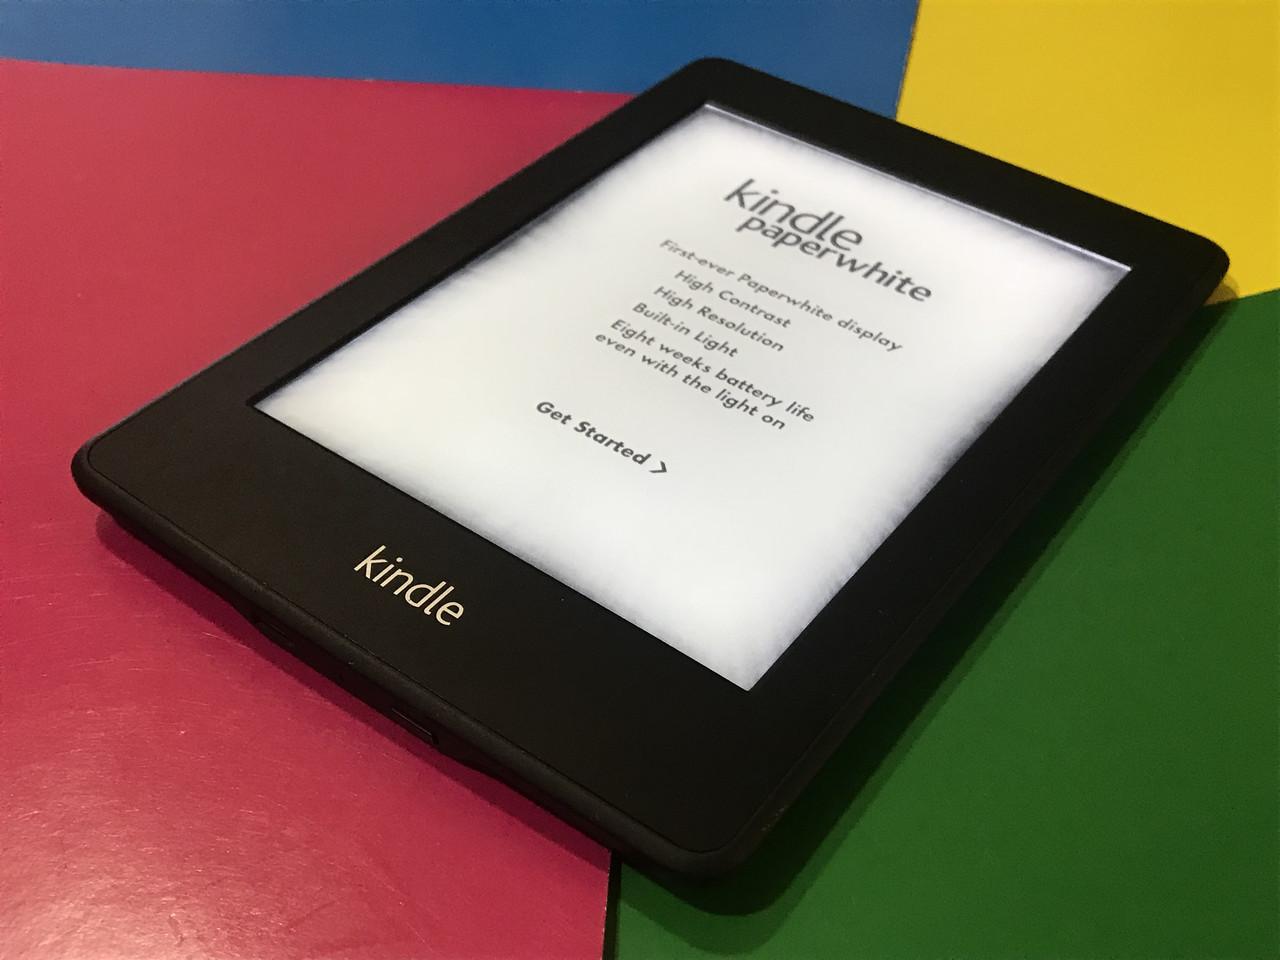 Amazon Kindle Paperwhite 2012 EY21 ПОДСВЕТКА РУС в ОТЛИЧНОМ СОСТОЯНИИ - Refurbished - Качество, проверенное временем в Чернигове